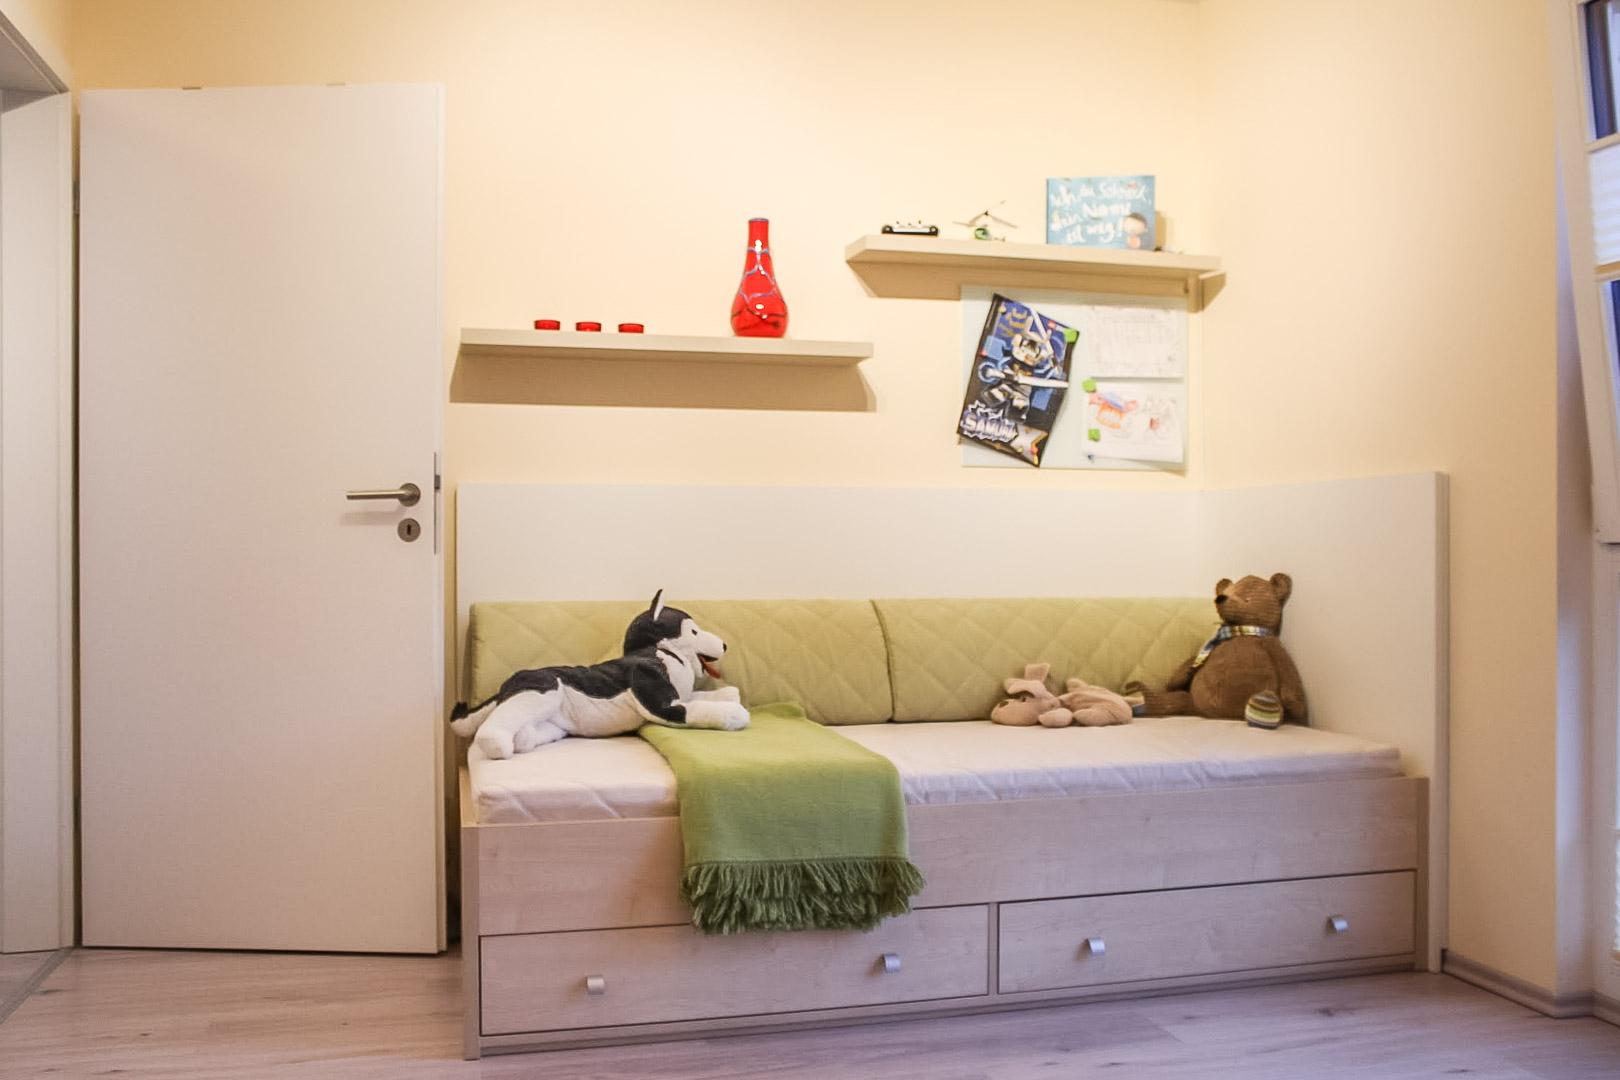 Tischler aus Strausberg erfüllt junger Mutter einen Kinderzimmer-Traum